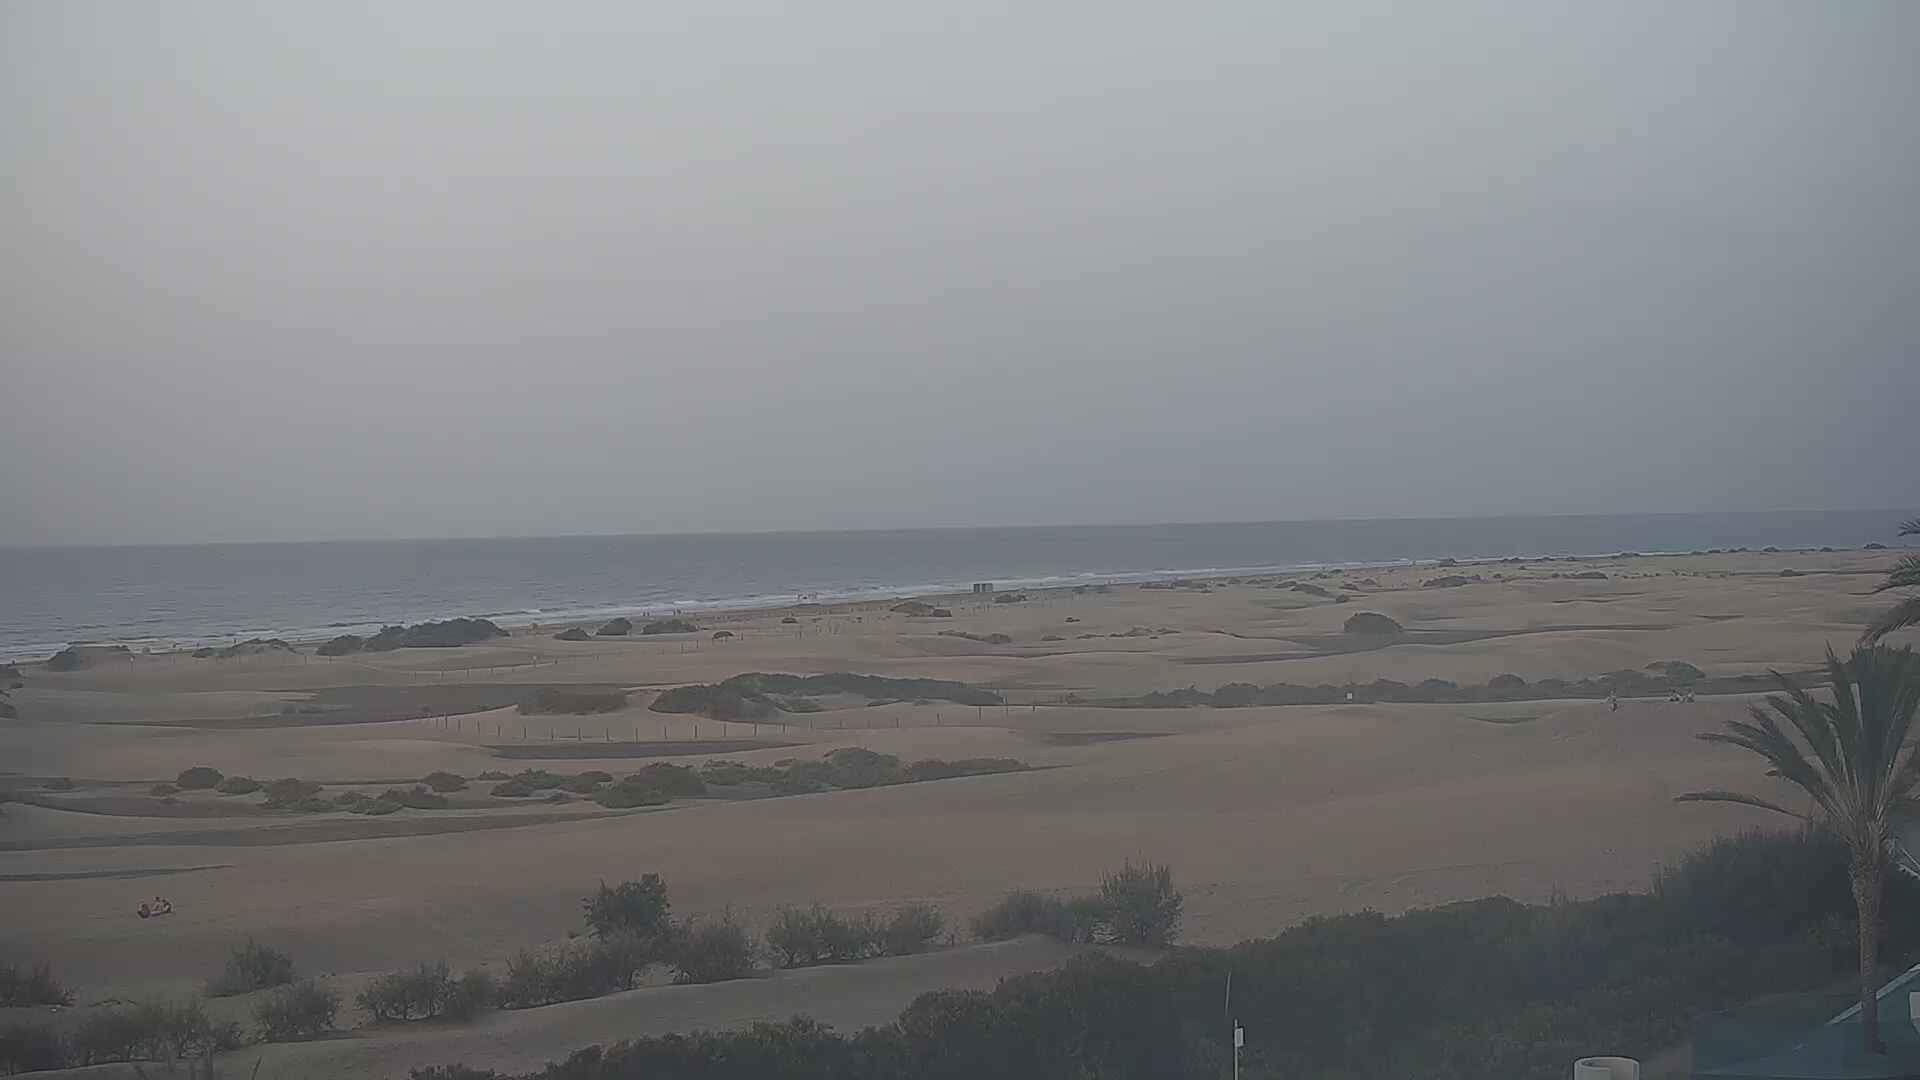 Playa del Ingles (Gran Canaria) Sun. 07:36